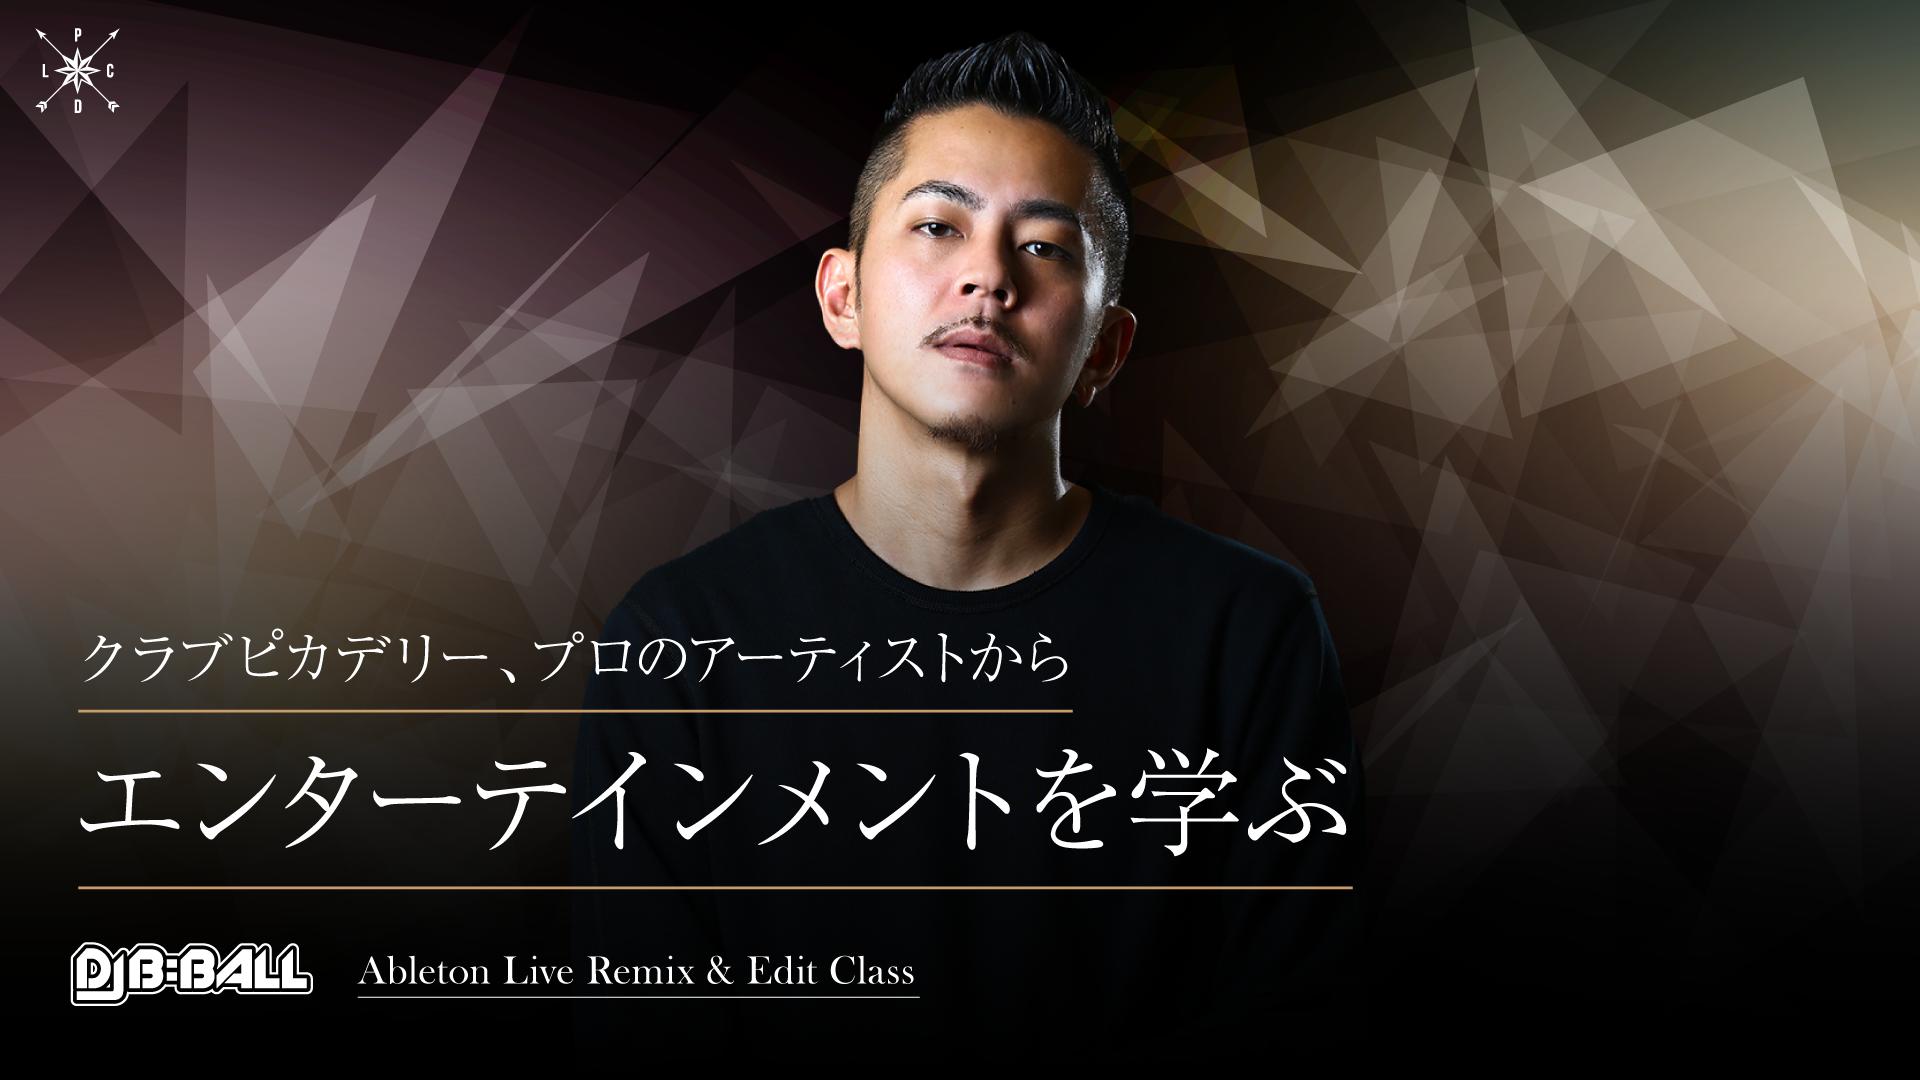 Ableton Live Remix & Edit Class